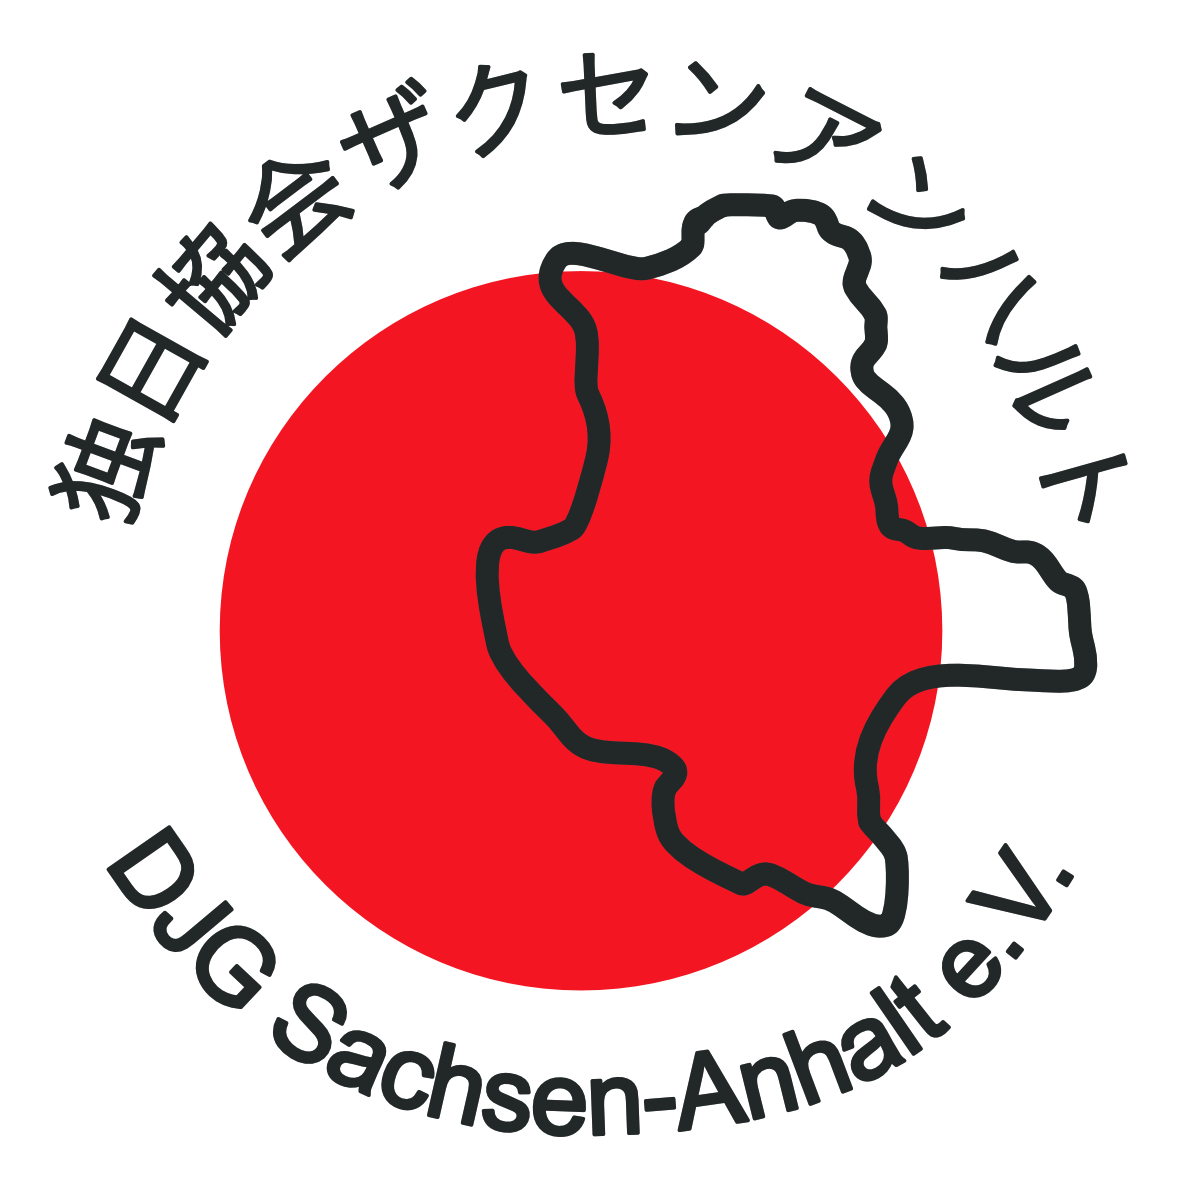 DJG Sachsen-Anhalt